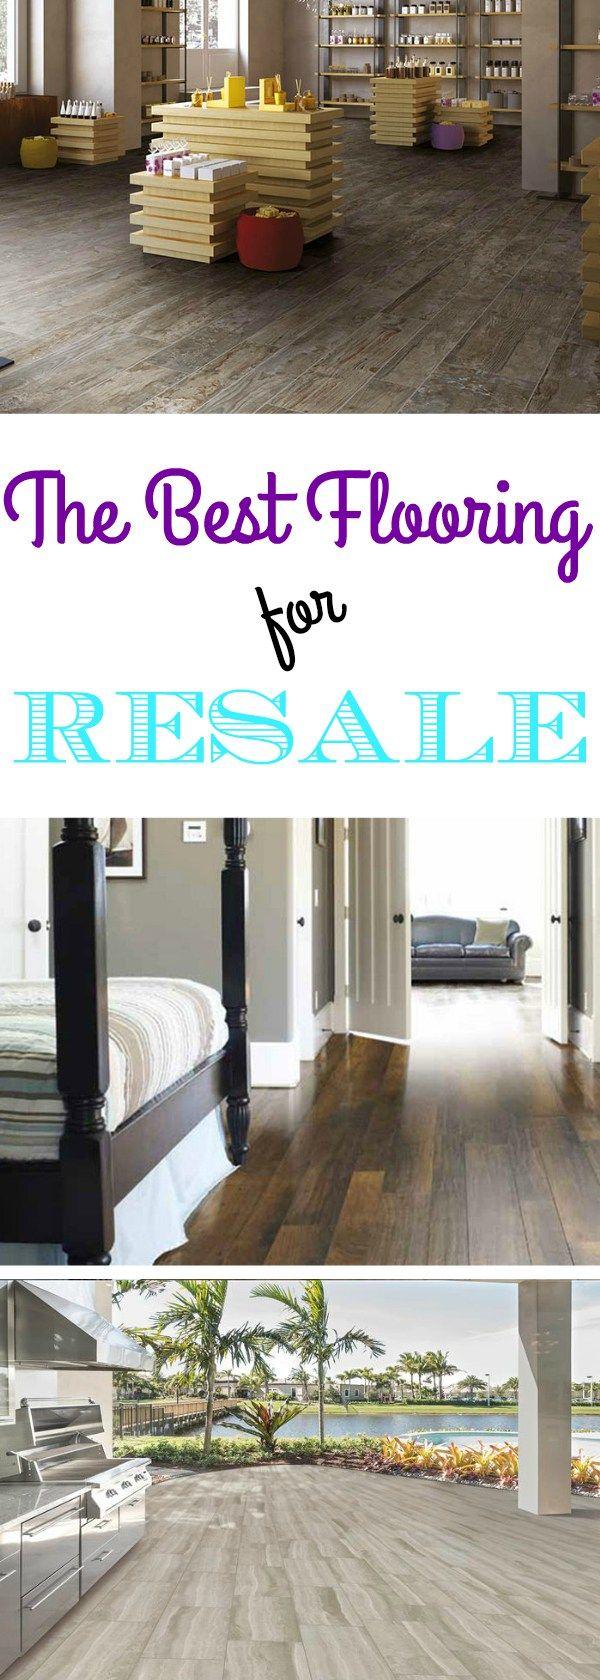 The Best Flooring for Resale Flooring Inc Best